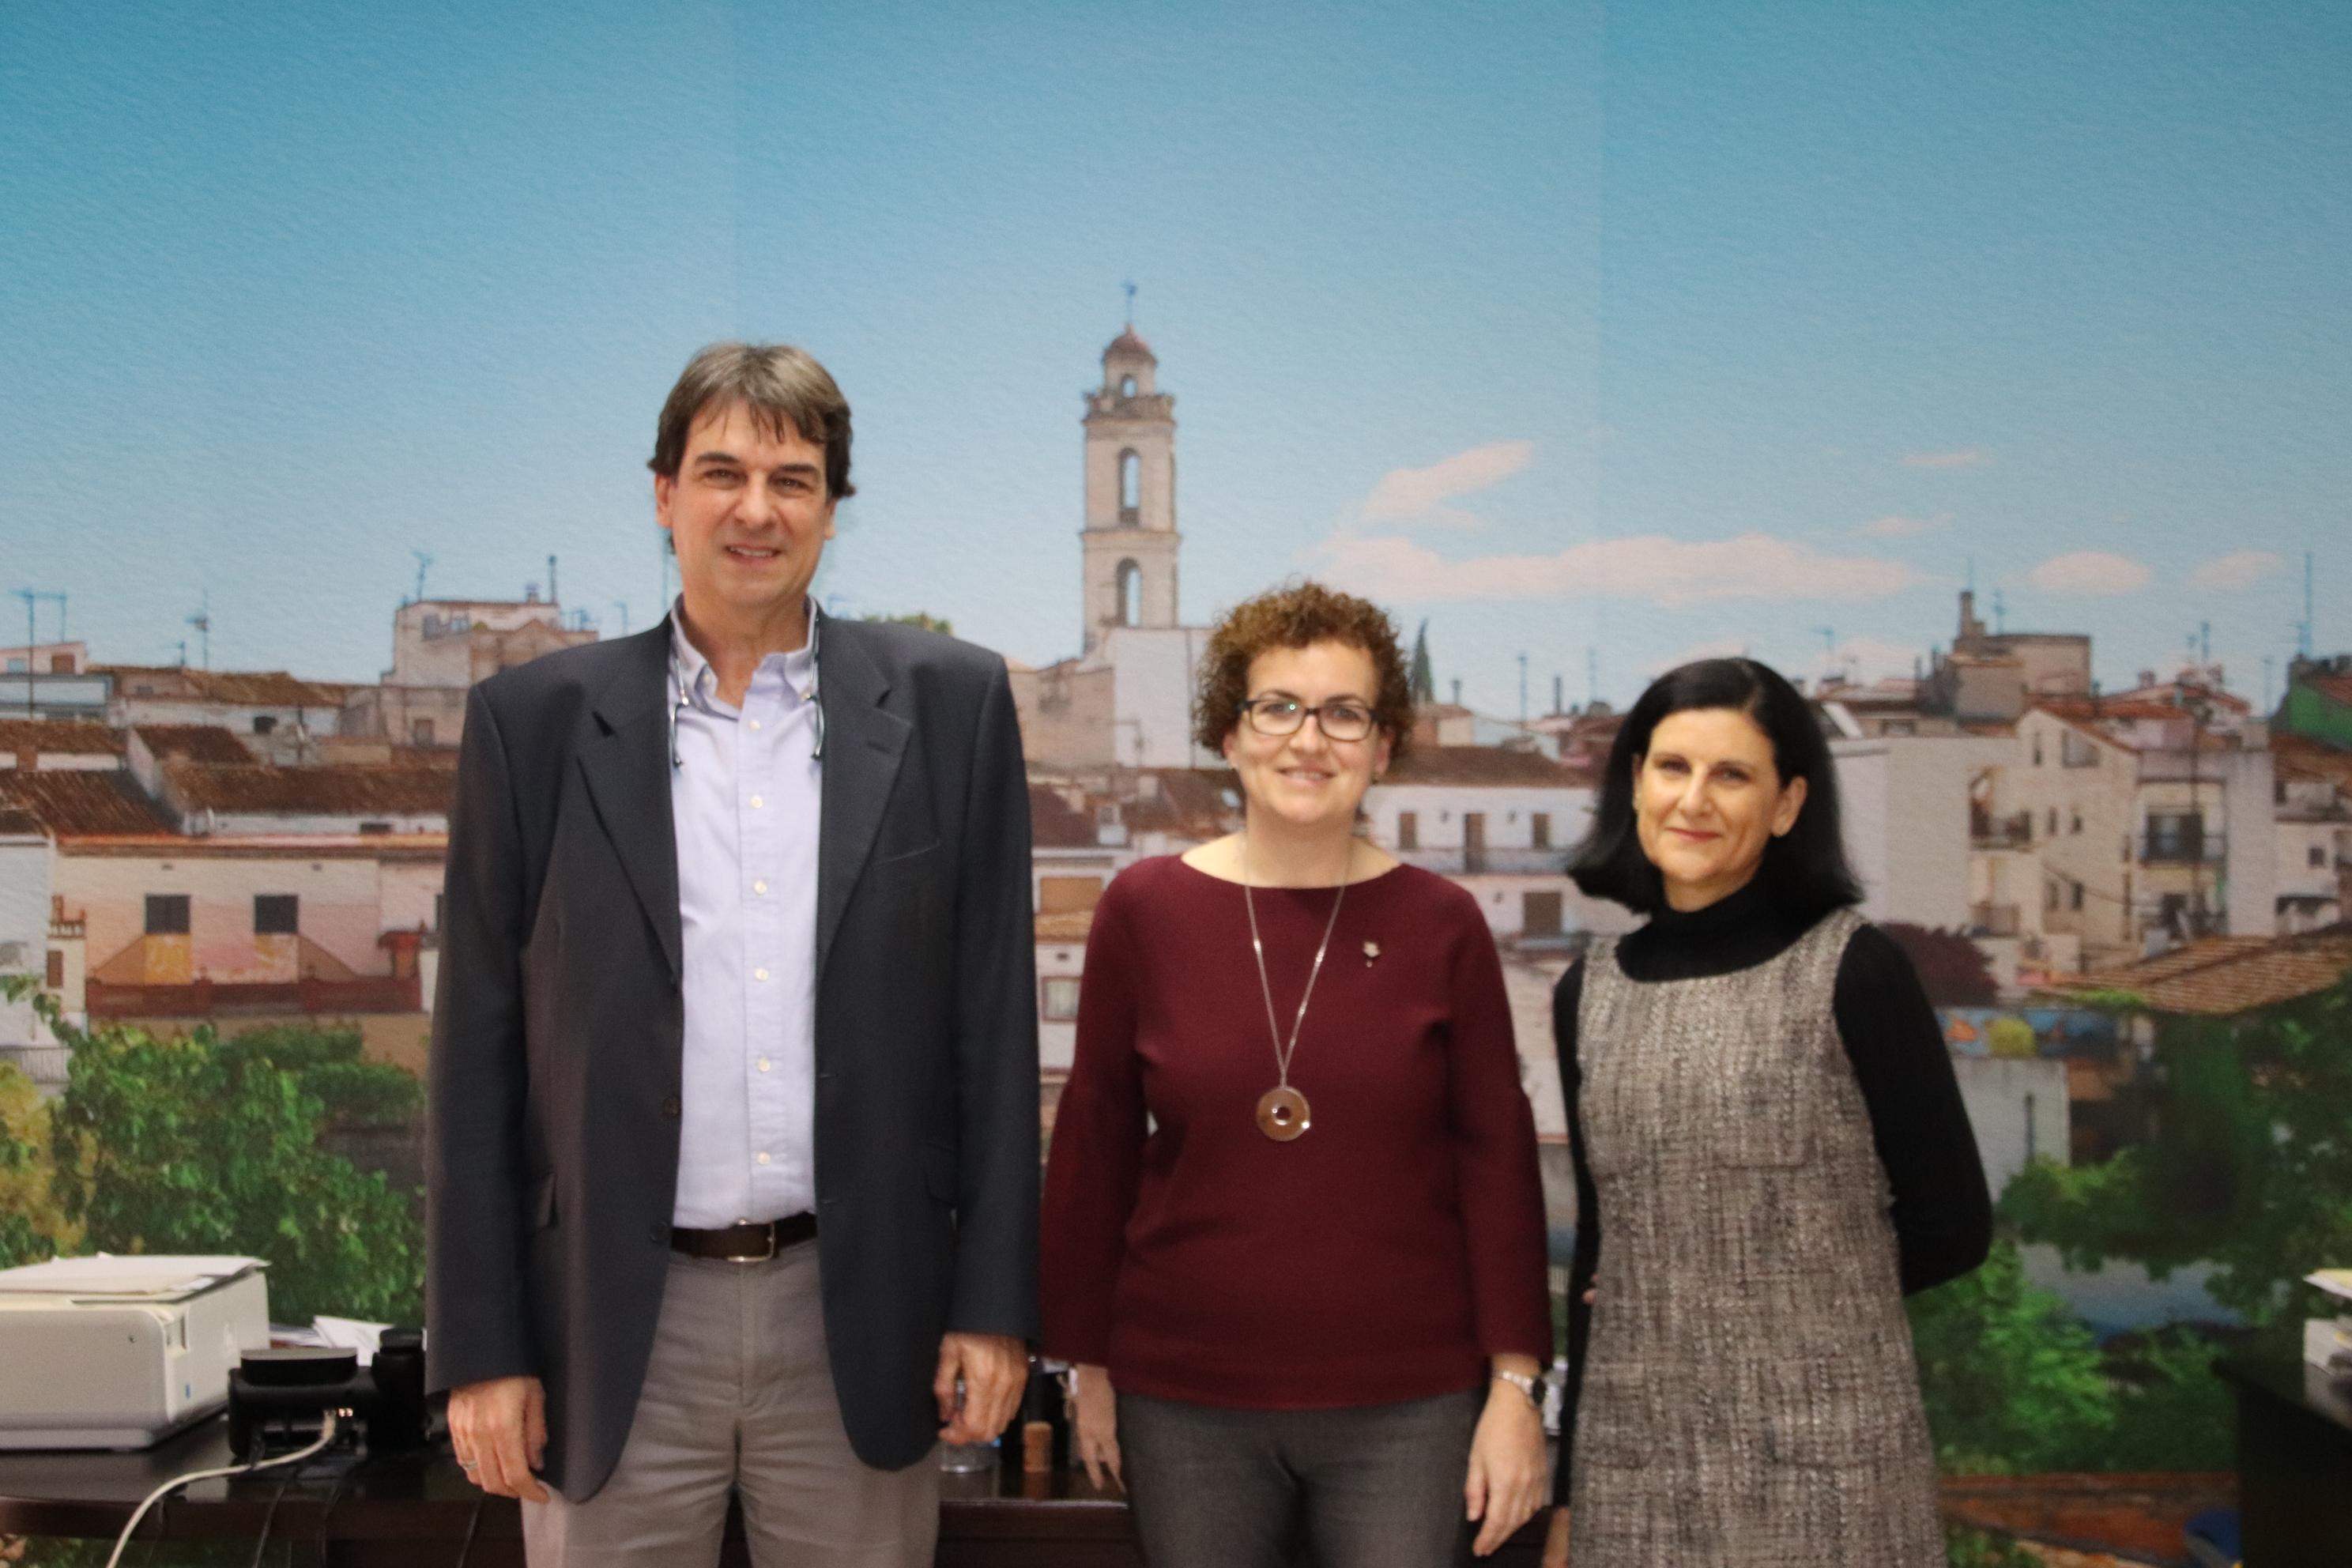 L'Ajuntament de la Bisbal ha signat un conveni de col·laboració amb la Federació Empresarial del Gran Penedès